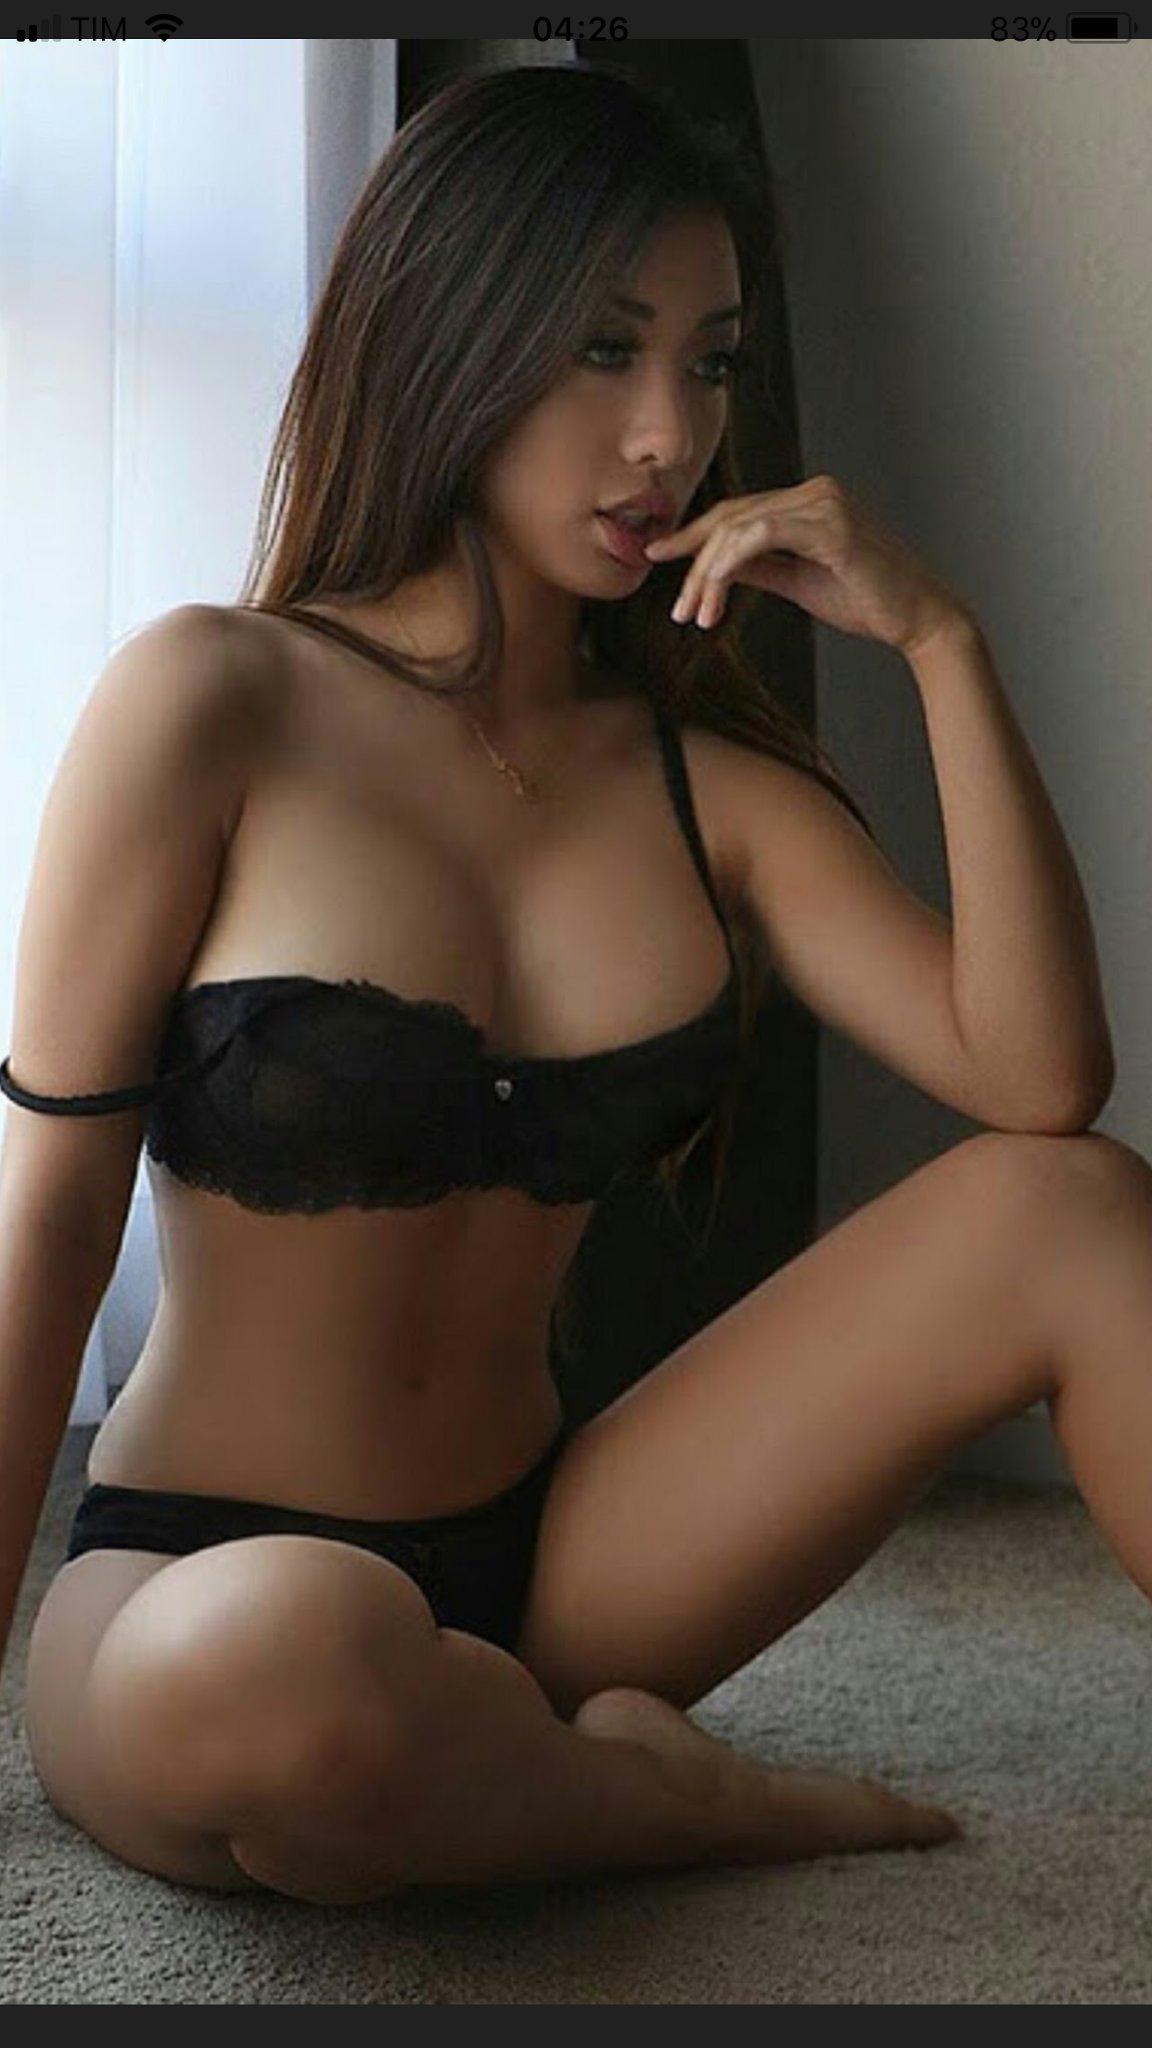 Schöne asiatische Arsch Bilder